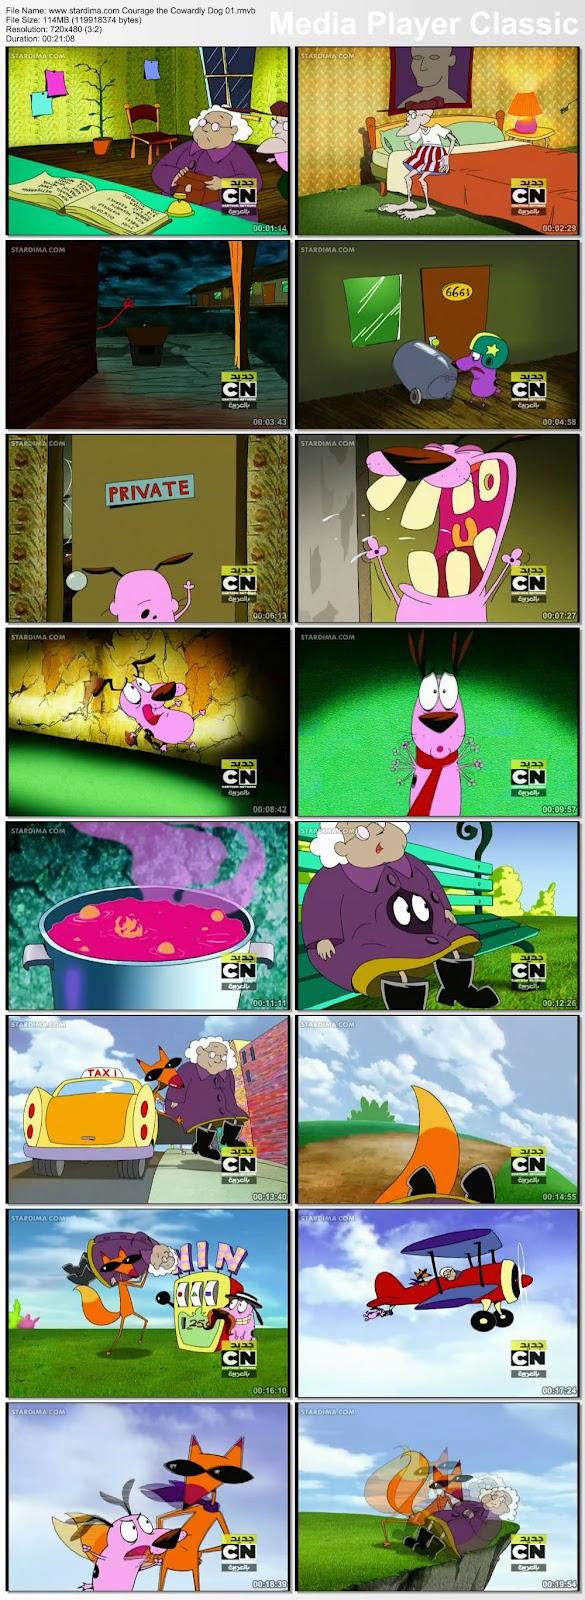 تحميل حلقات مسلسل الضحك والكوميديا والمقالب كوردج الكلب الجبان مدبلج stardima.com_1338464